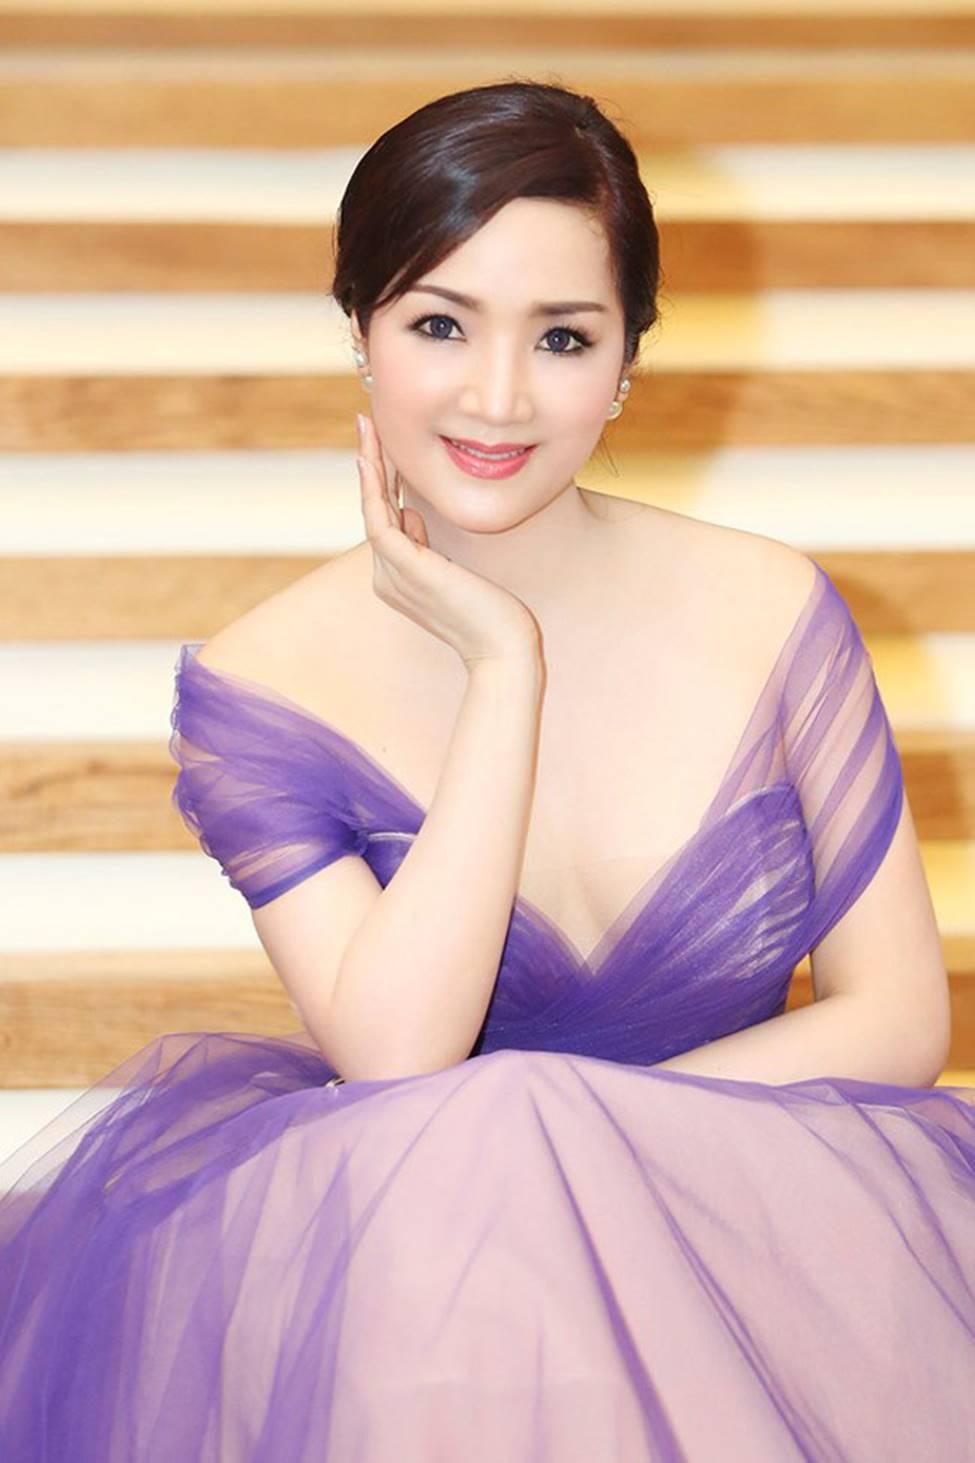 4 nữ hoàng ảnh lịch Việt giờ đây U50, U60 vẫn trẻ đẹp, gợi cảm đáng kinh ngạc-3